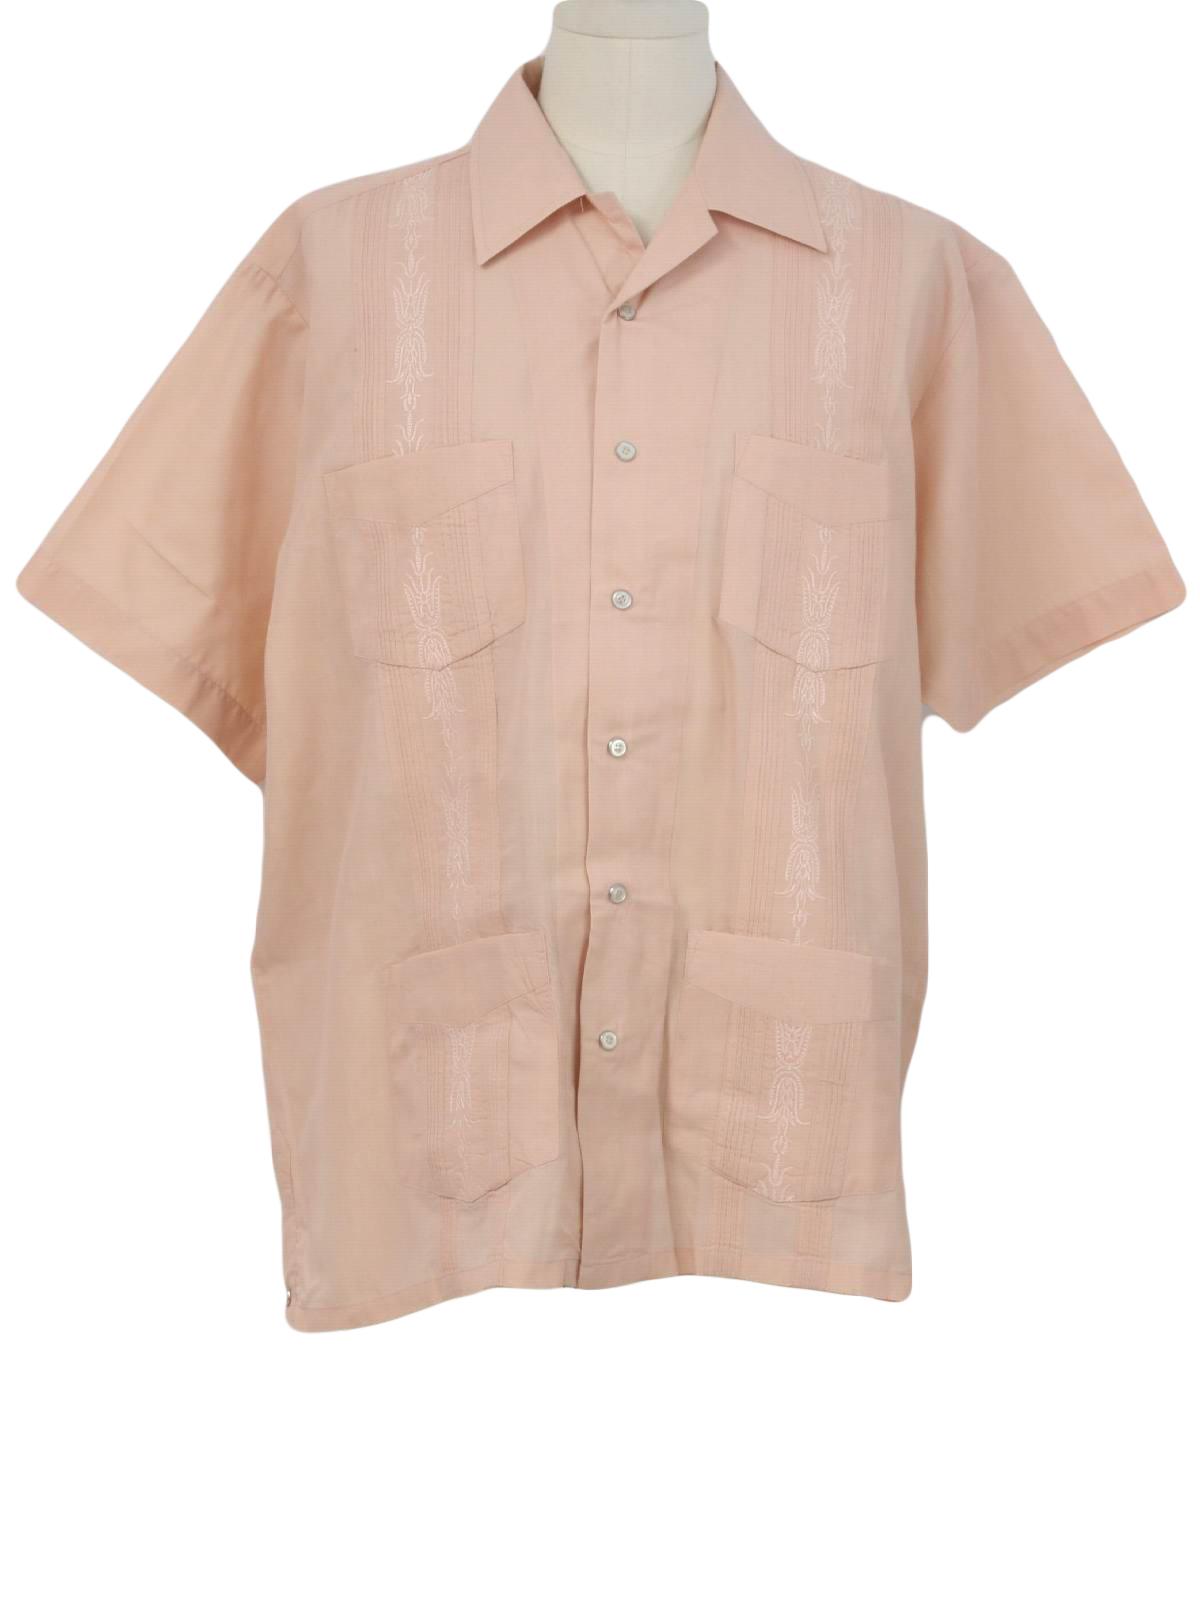 1990's Retro Guayabera Shirt: 90s -Haband Guayabera- Mens ...